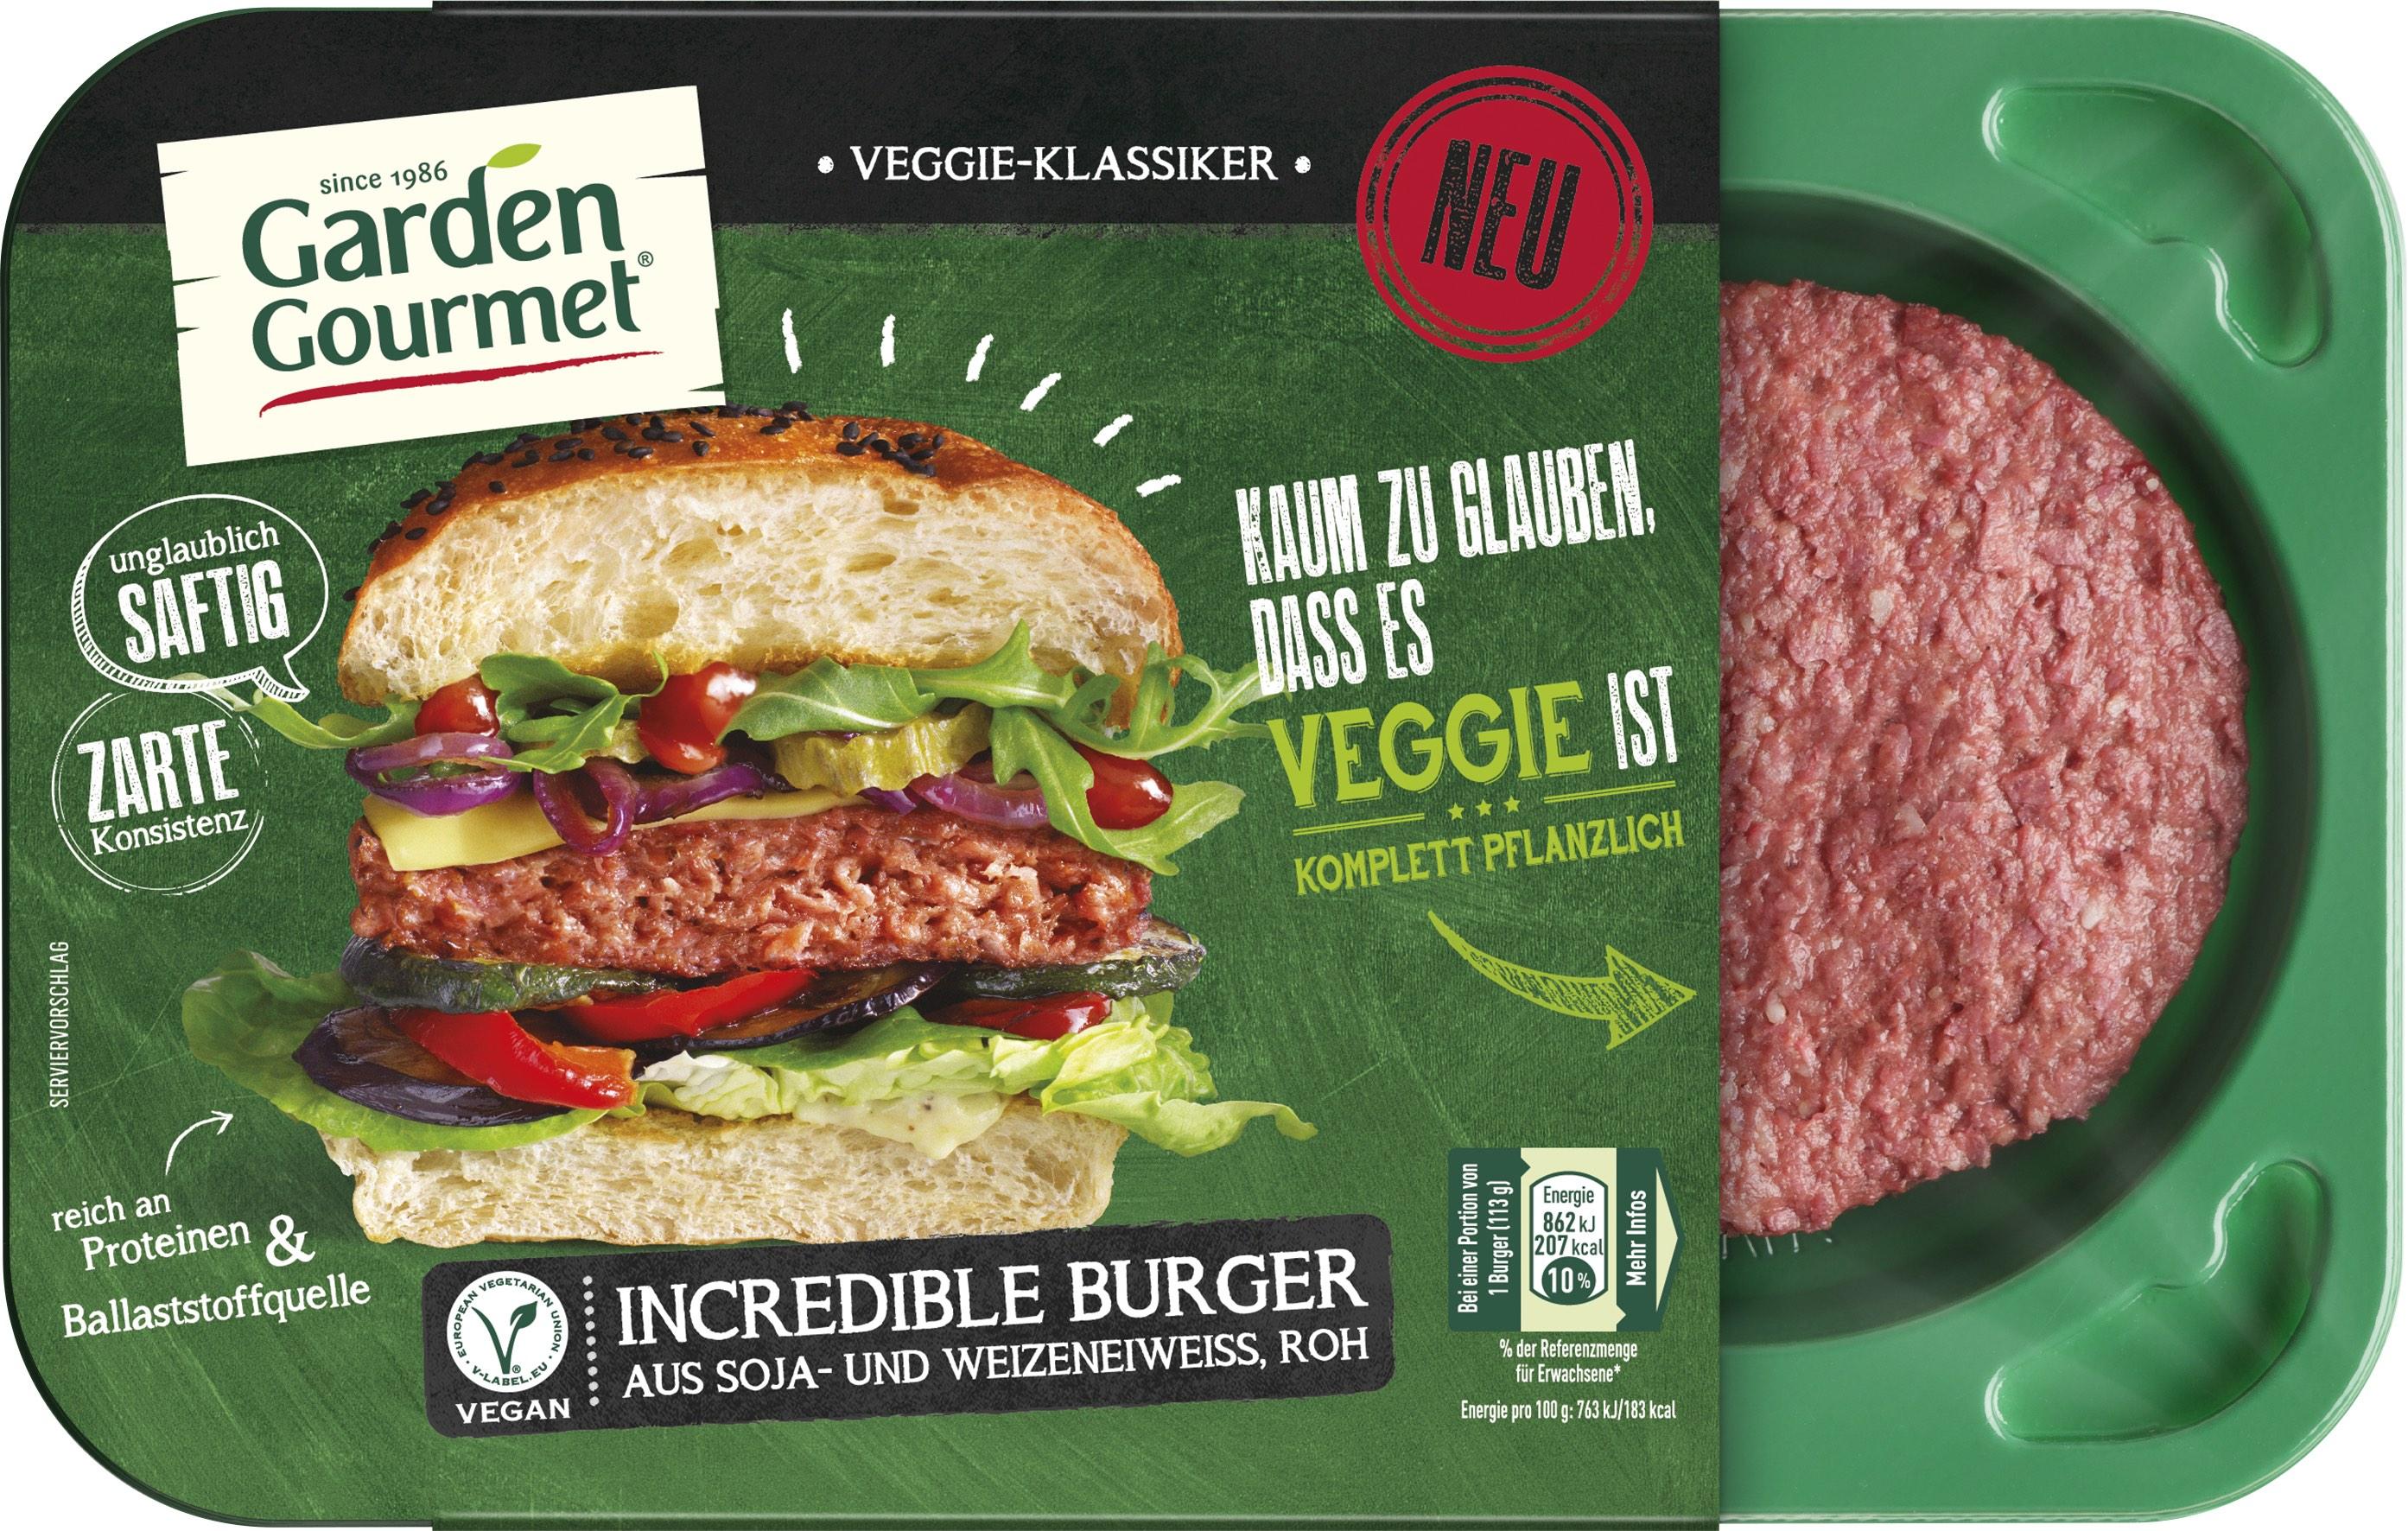 Incredible Burger Garden Gourmet